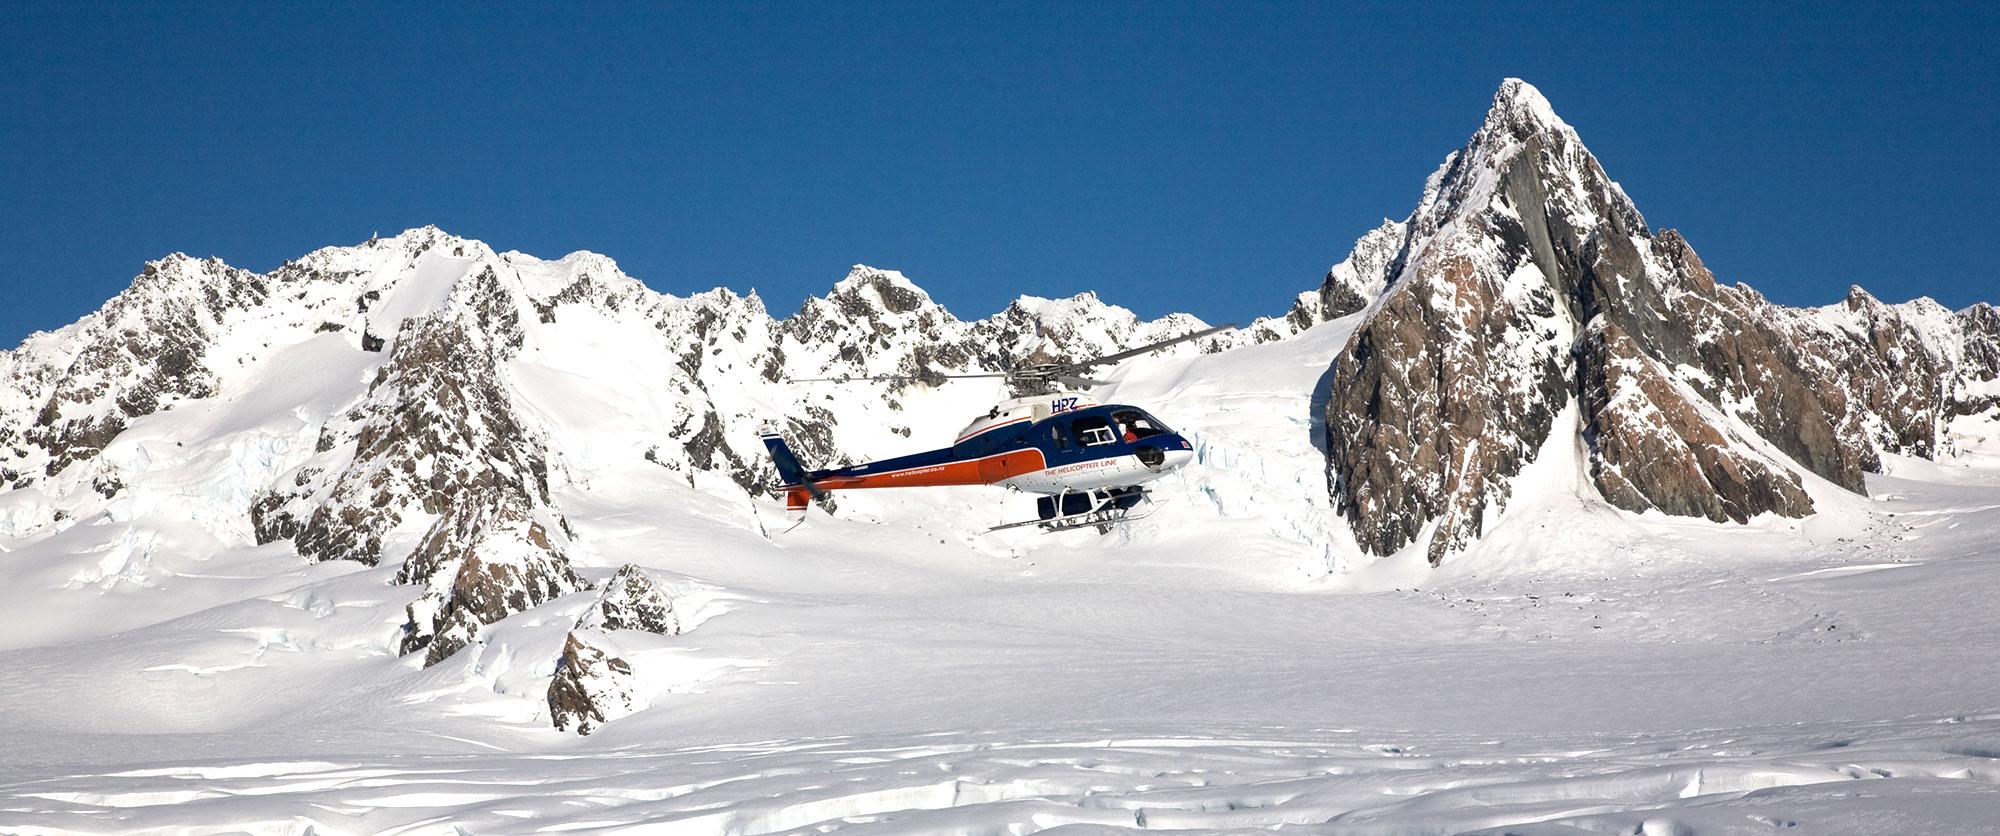 New Zealand Honeymoon Package: Outdoor Adventure - Franz Josef Glacier